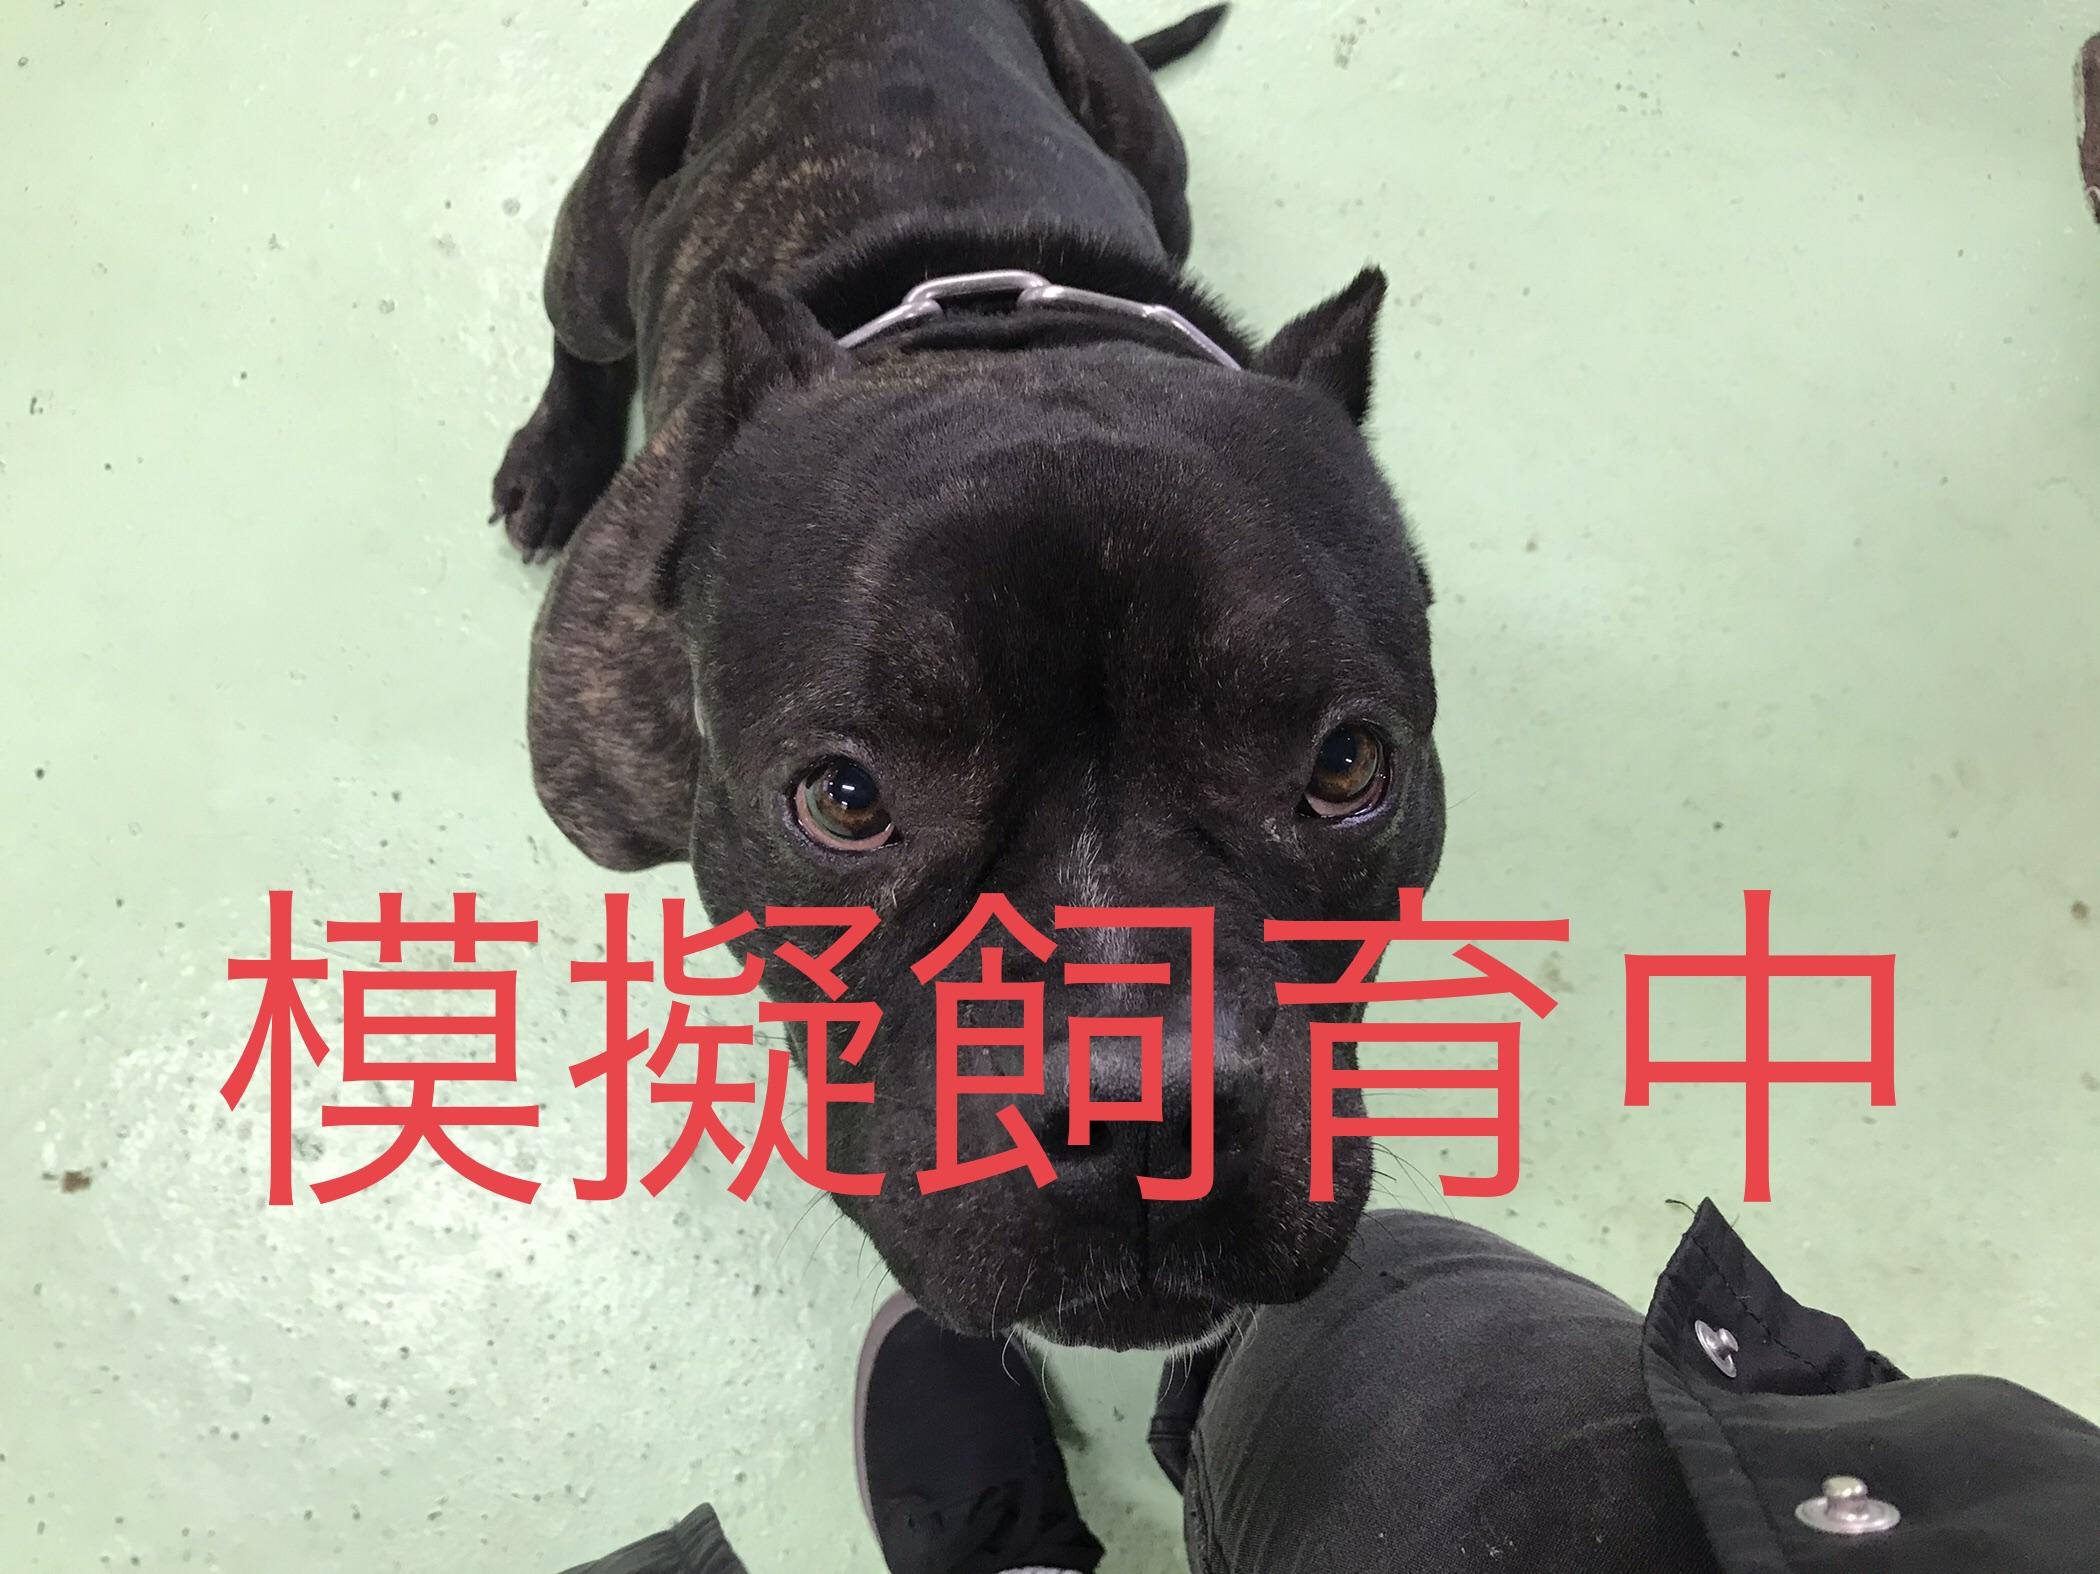 <ul> <li>犬種:アメリカンピットブル</li> <li>性別:男の子</li> <li>名前:キング</li> <li>年齢:2016年1月</li> <li>保護経緯:近所からのクレームがあったため飼育困難になり引き取りました</li> </ul>